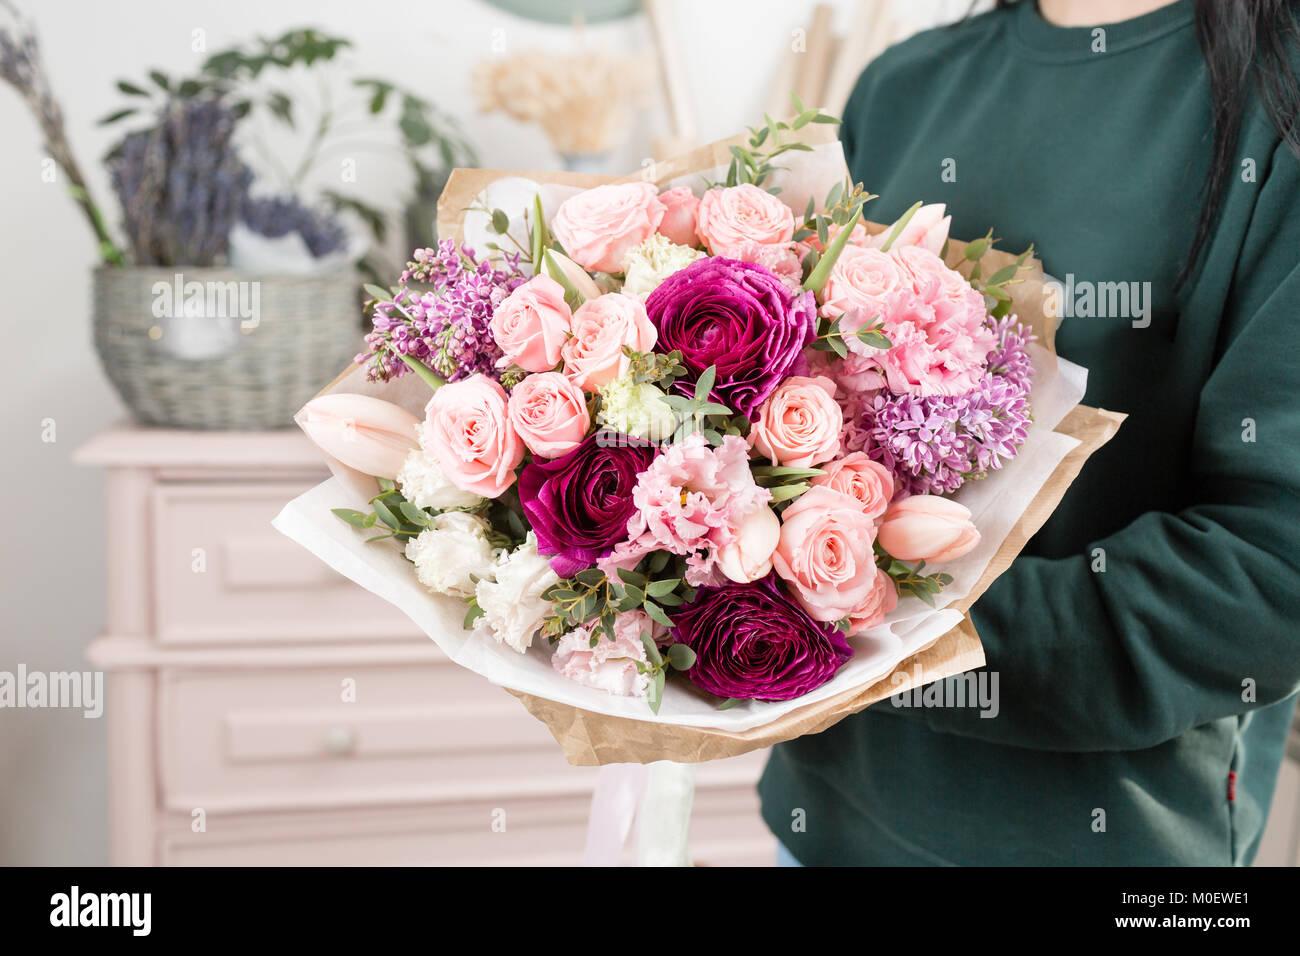 luxe magnifique bouquet de fleurs en main femme le. Black Bedroom Furniture Sets. Home Design Ideas